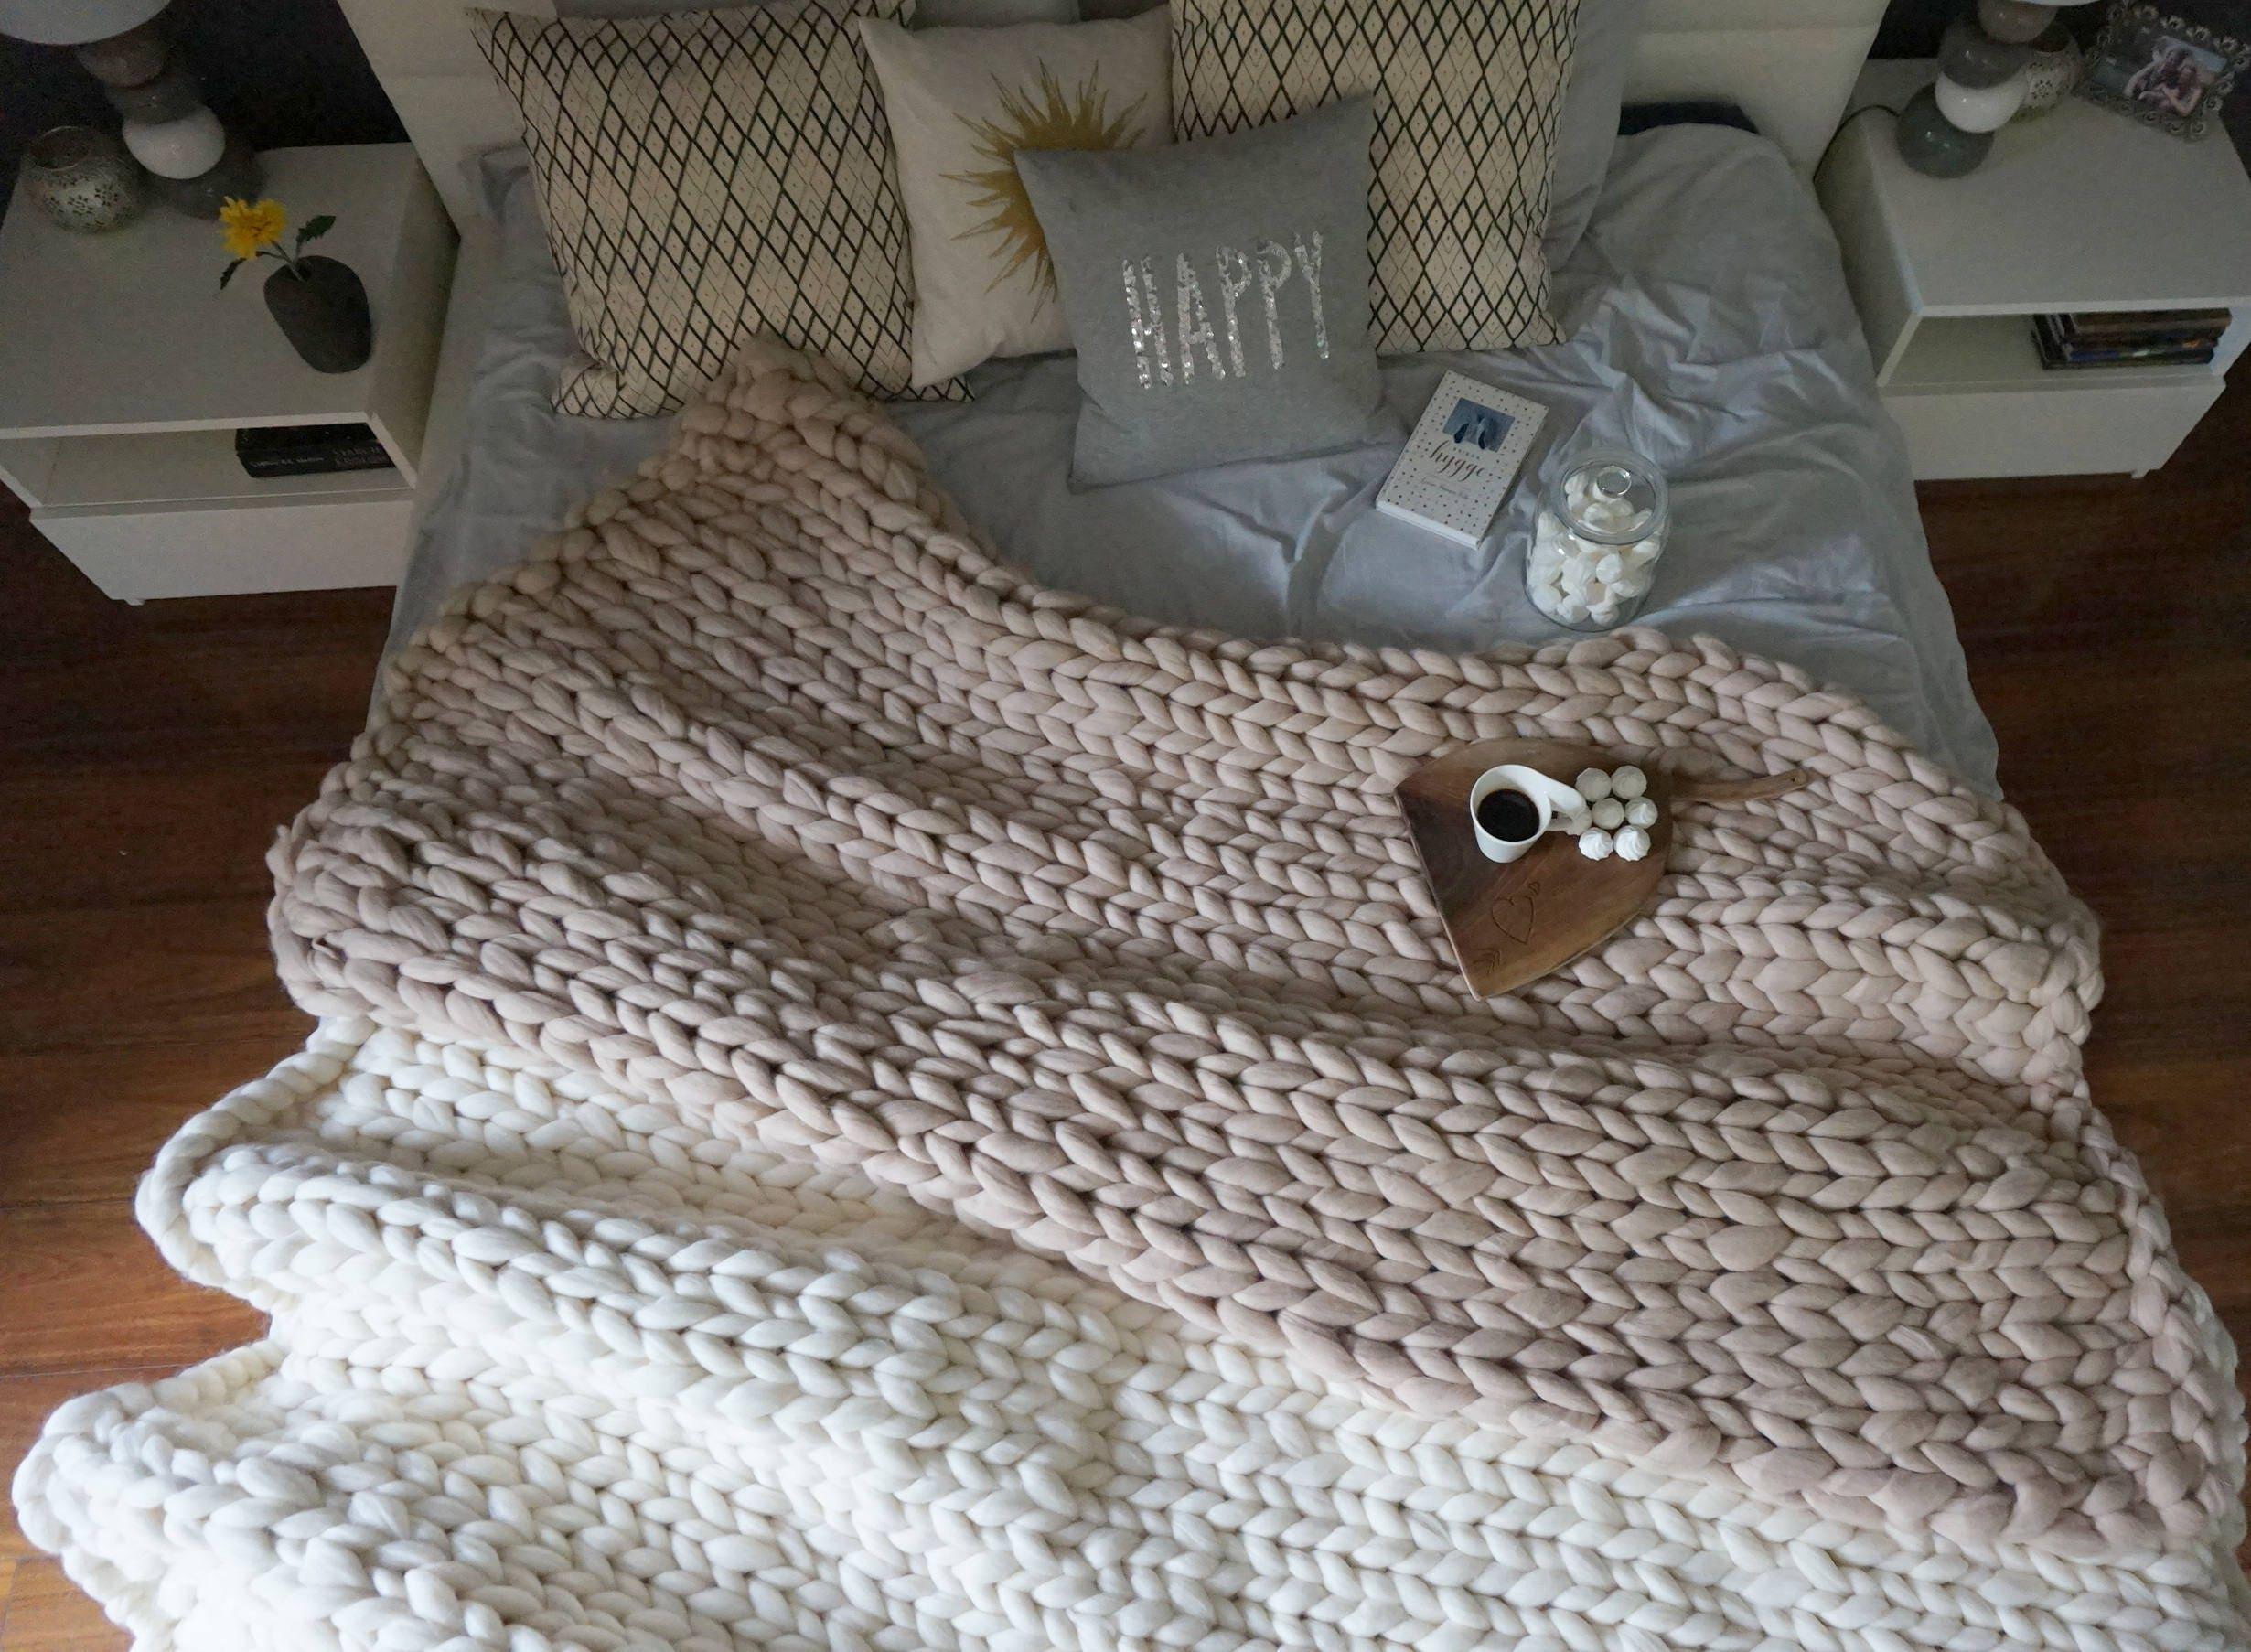 grobstrick garn decke werfen gestrickt stricken wolldecke. Black Bedroom Furniture Sets. Home Design Ideas